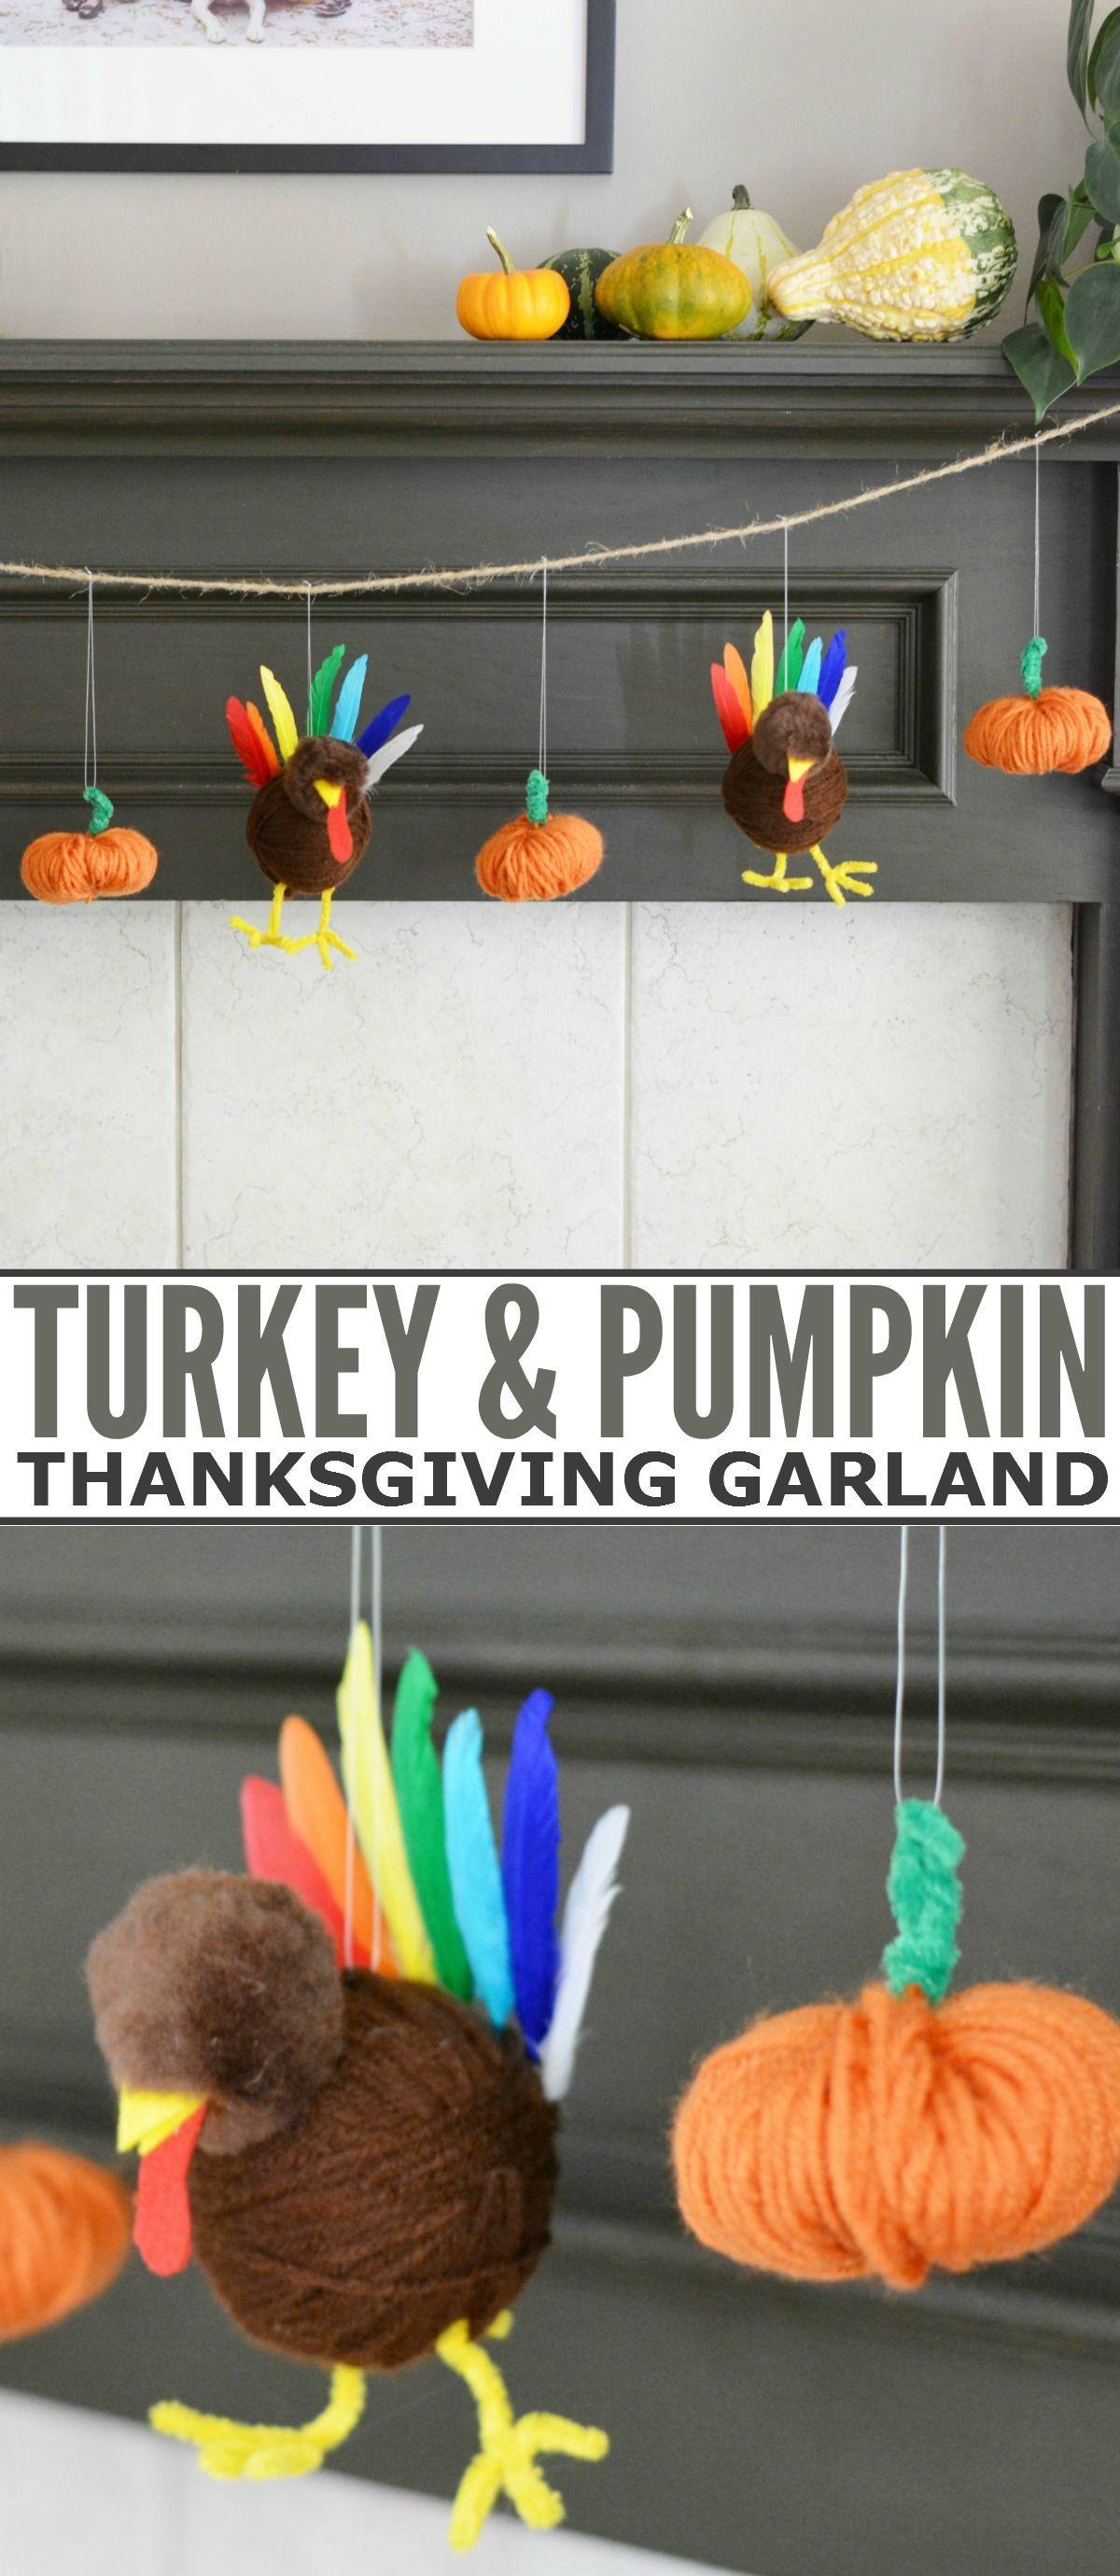 Turkey and Pumpkin Thanksgiving Garland - Frugal Mom Eh!,  #Frugal #Garland #Mom #Pumpkin #Thanksgiving #Turkey